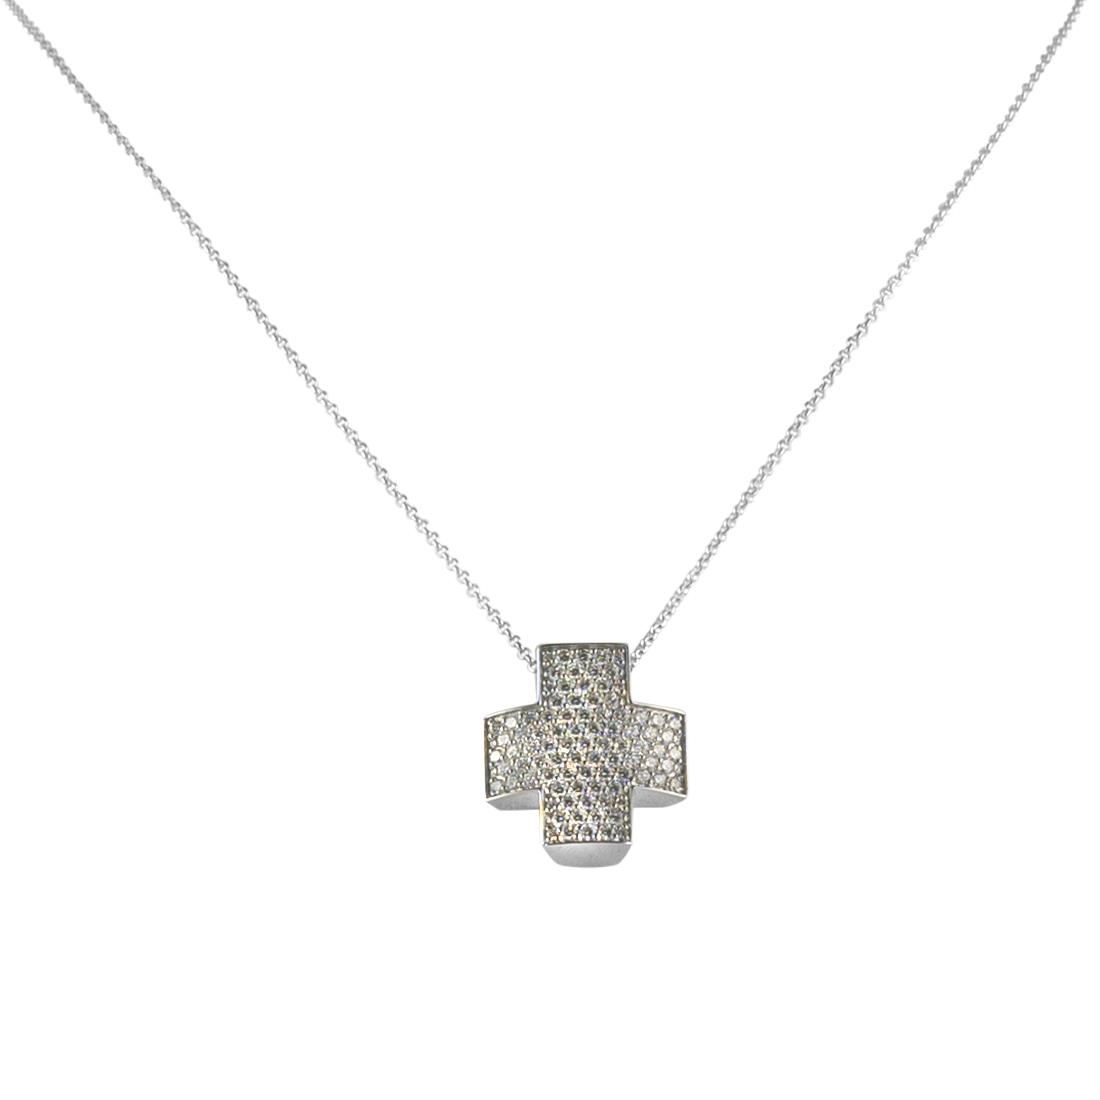 Collana in oro bianco con pendente  - ROBERTO DEMEGLIO